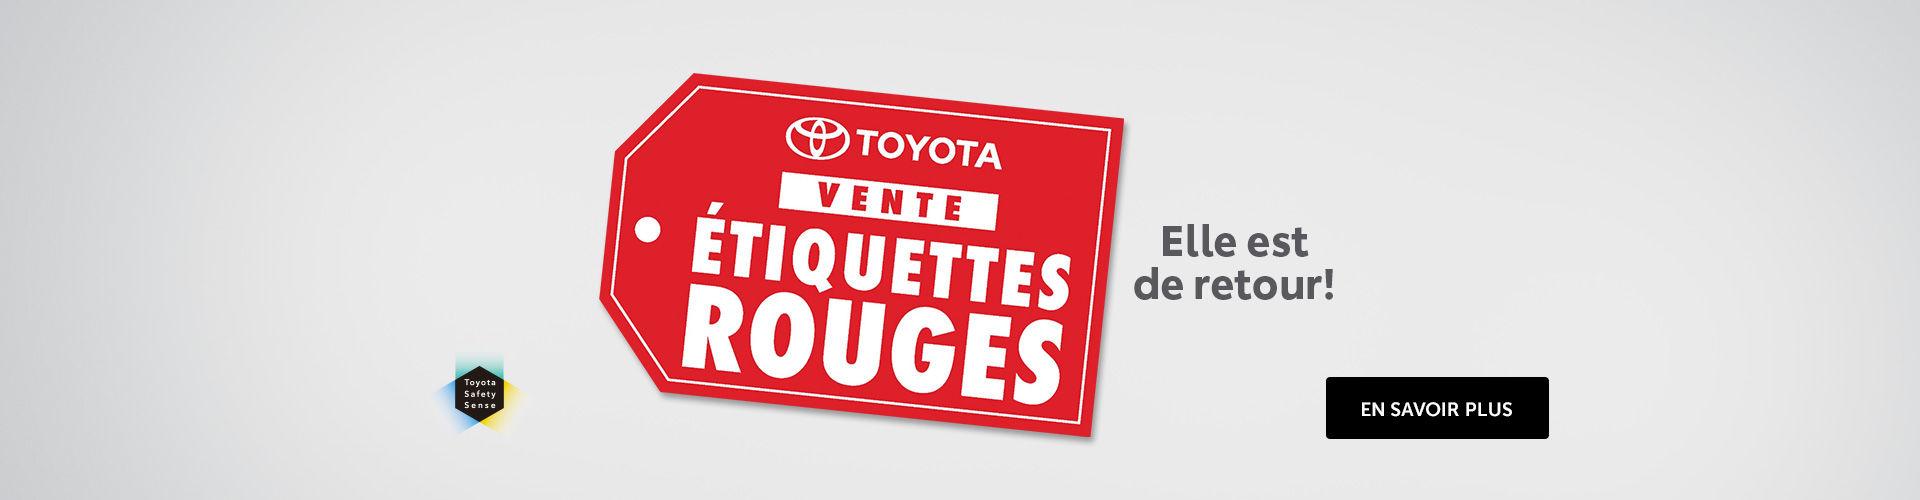 L'événement étiquettes rouges de Toyota